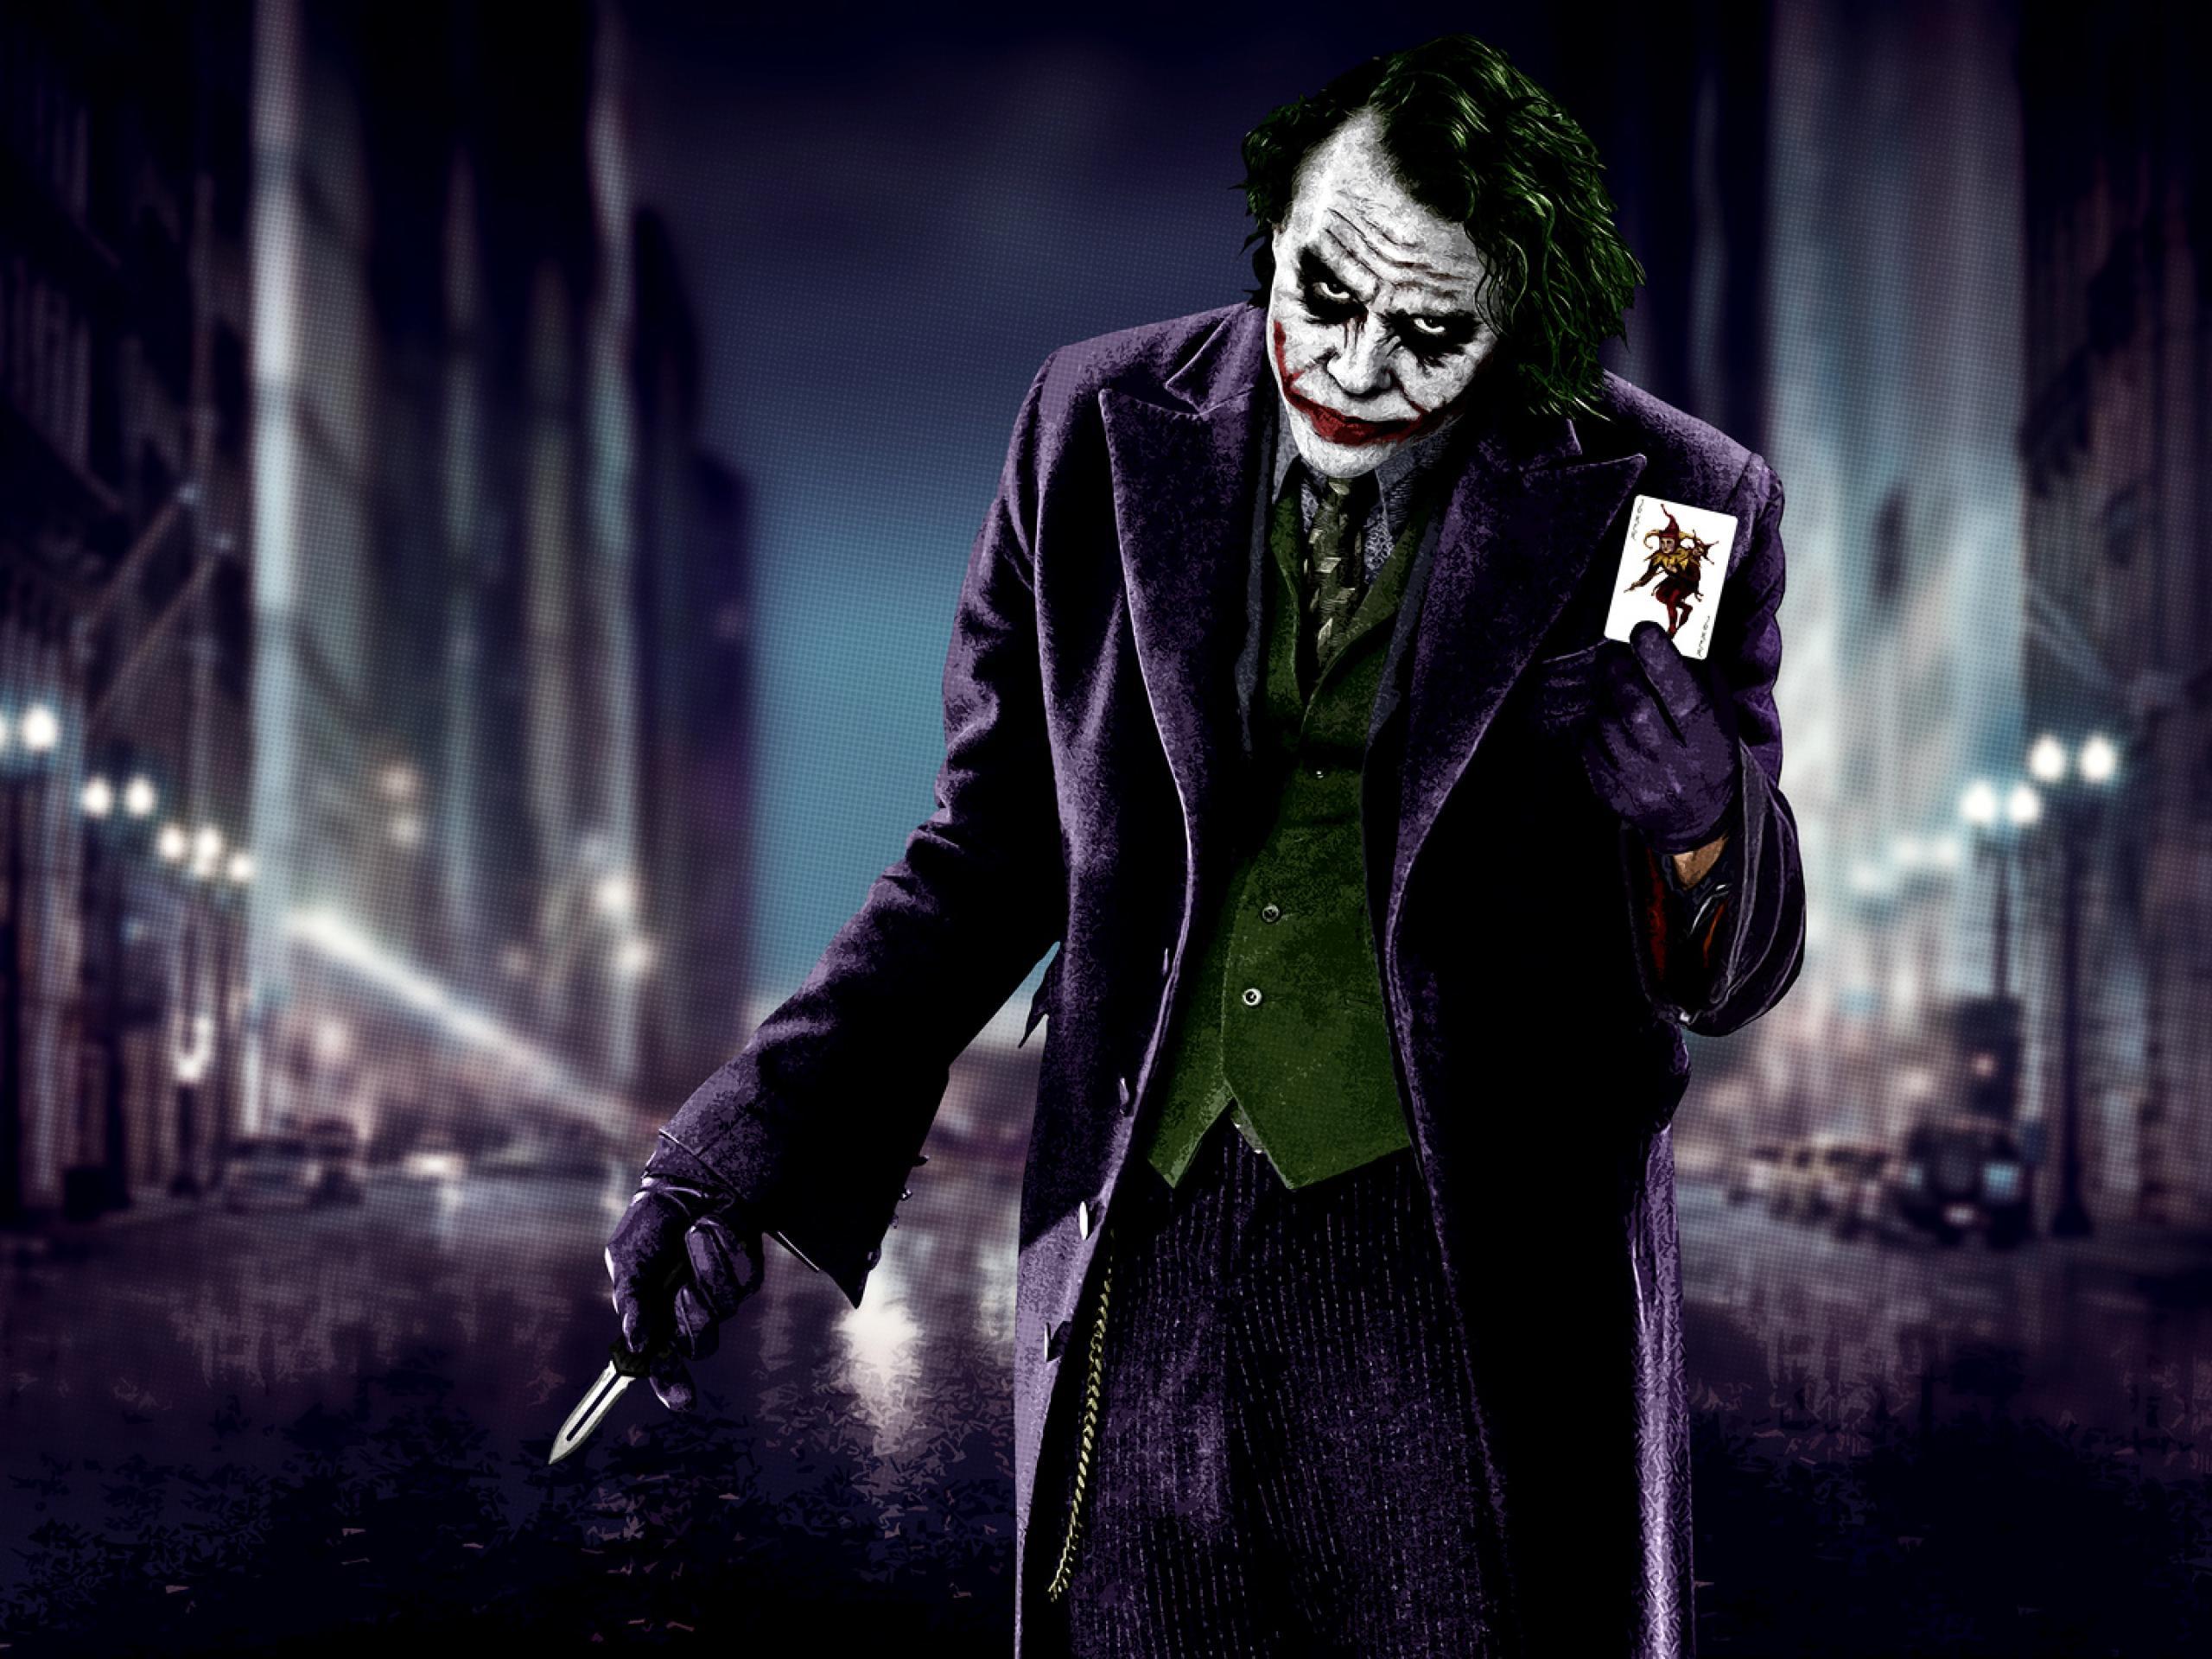 Batman The Joker Poker 1920 2560 The Jester S Corner